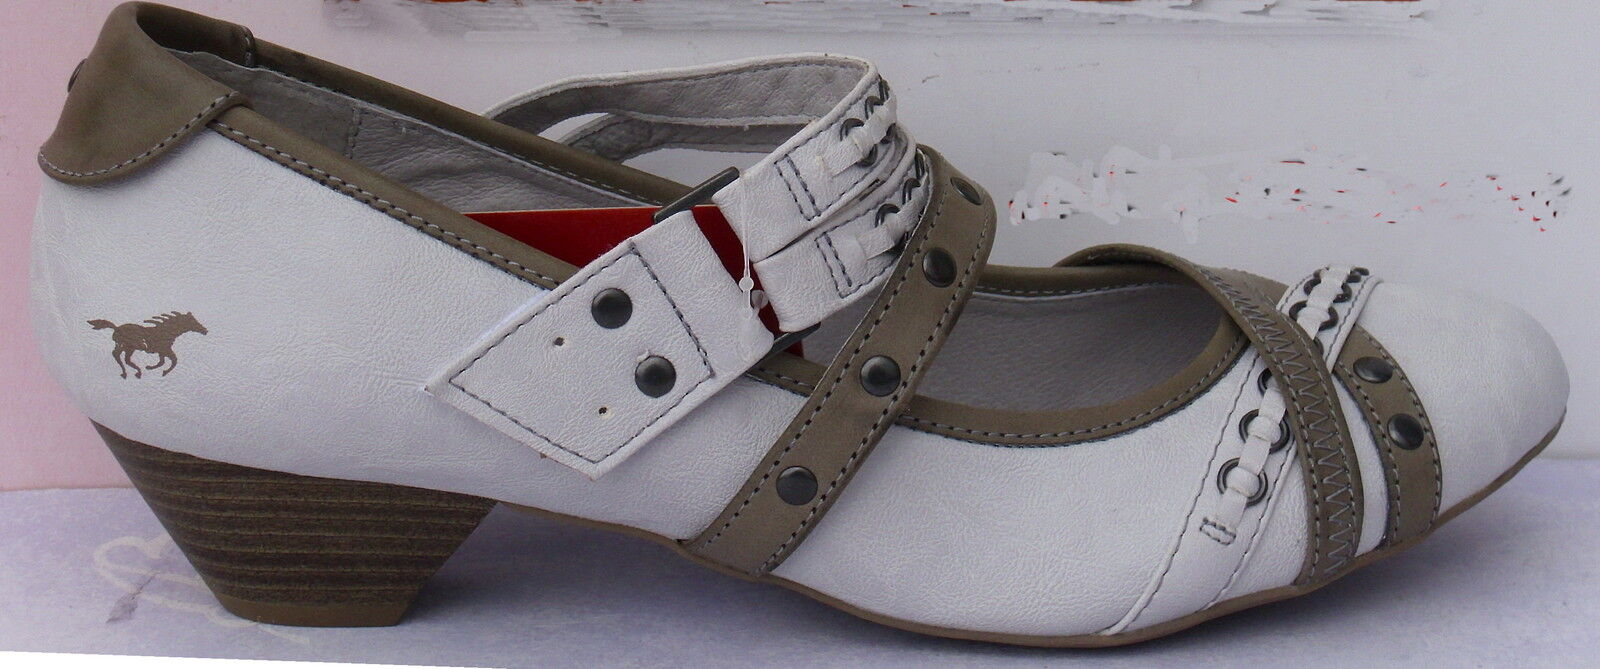 Mustang Scarpe +++ Scarpe da Donna Pumps, Tg. 43-44 +++ Scarpe NUOVO +++ misure grandi 611b6a